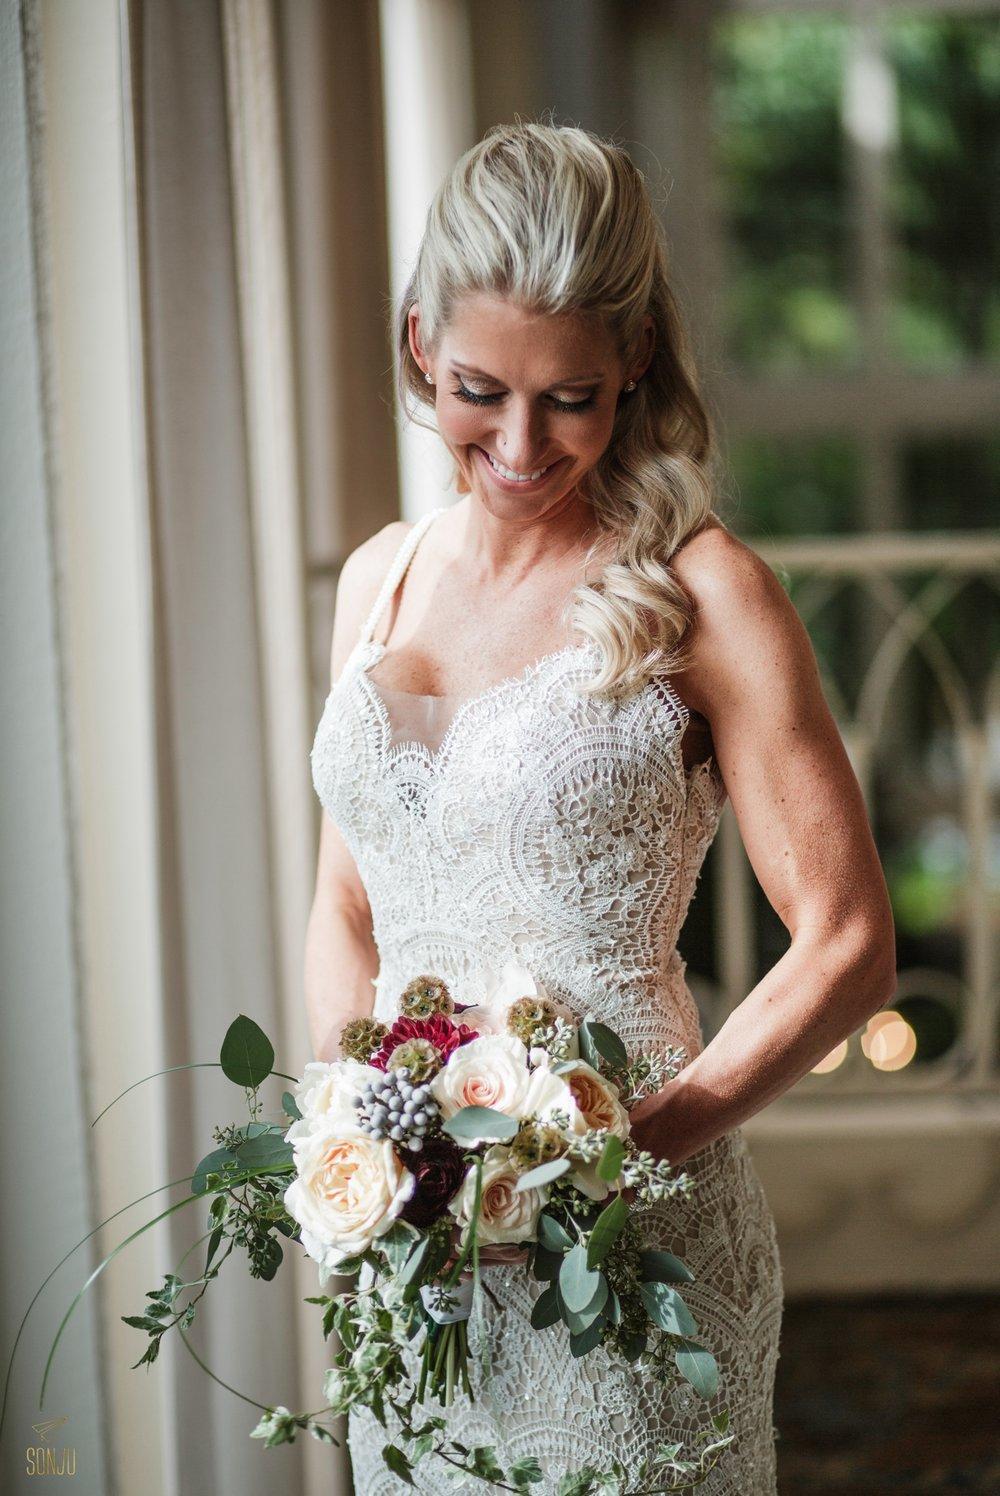 Boca-Raton-Wedding-Photographer-Farmers-Table-Sonju00005.jpg